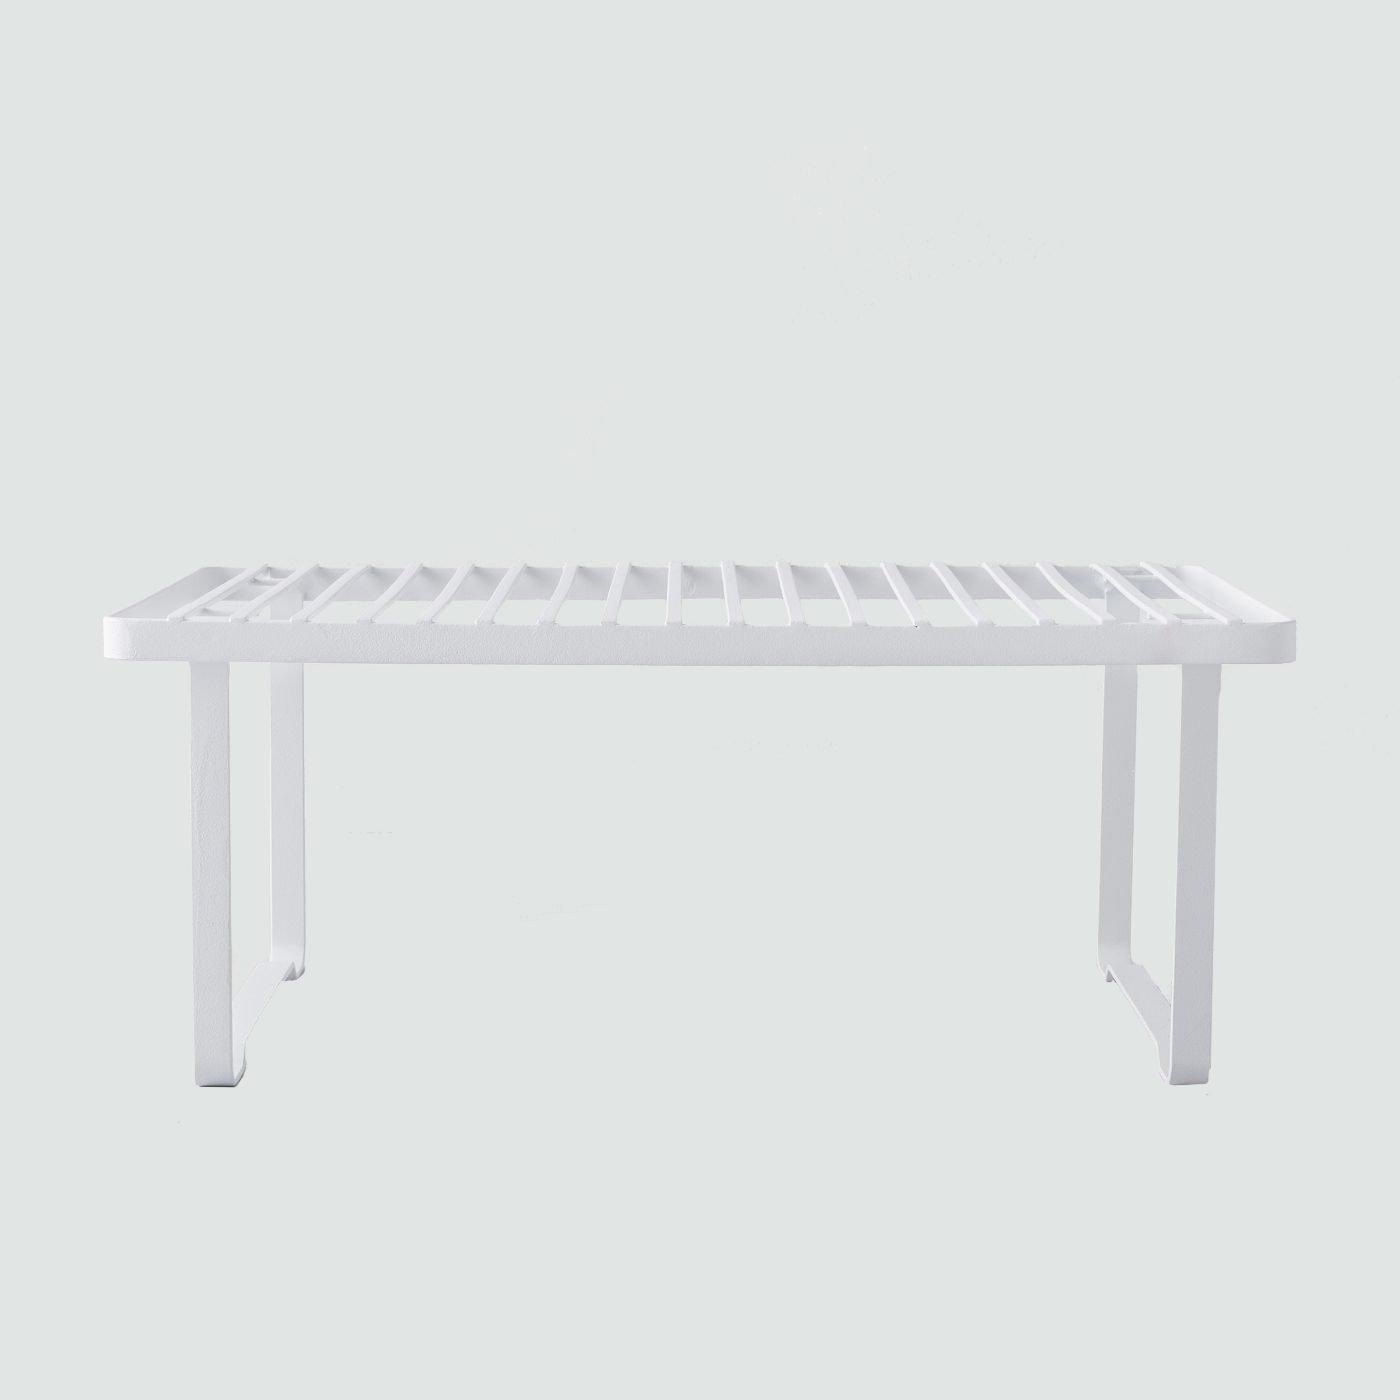 Made by Design Kitchen Cabinet Organizer Shelf